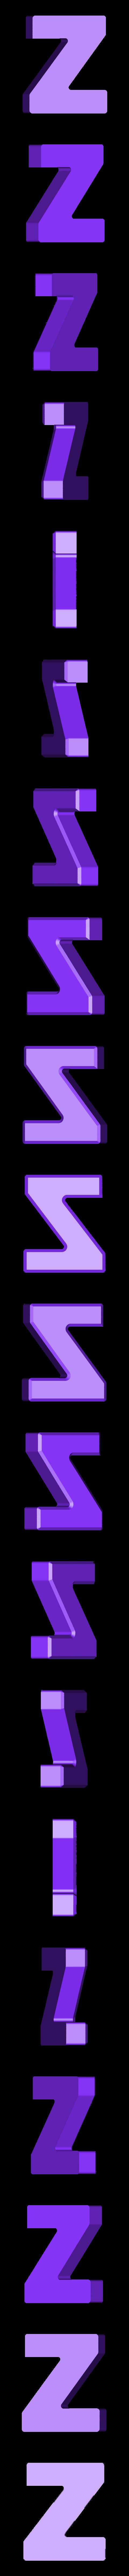 Z.stl Download free STL file Letter Bowls • 3D print object, PrintedSolid